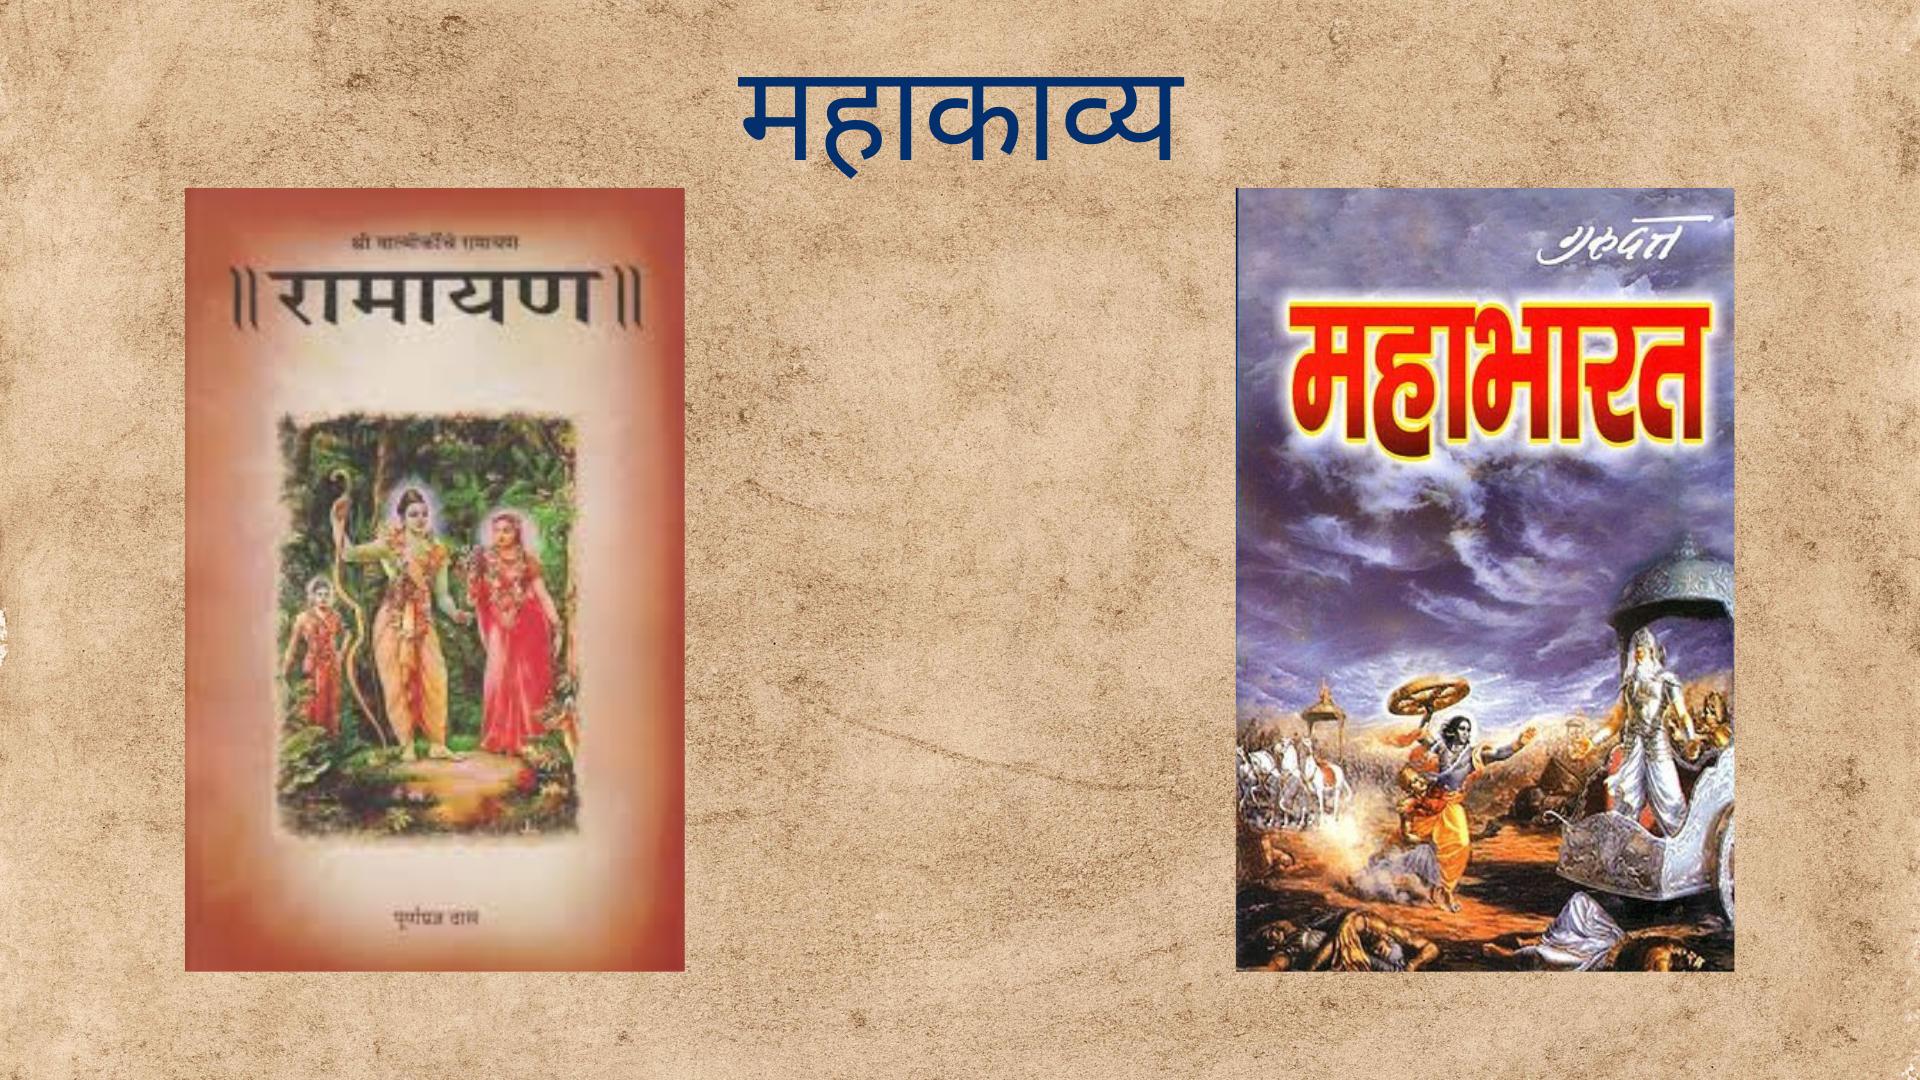 महाकाव्य हमें प्राचीन भारतीय इतिहास को जानने में बहुत मददगार साबित होते है